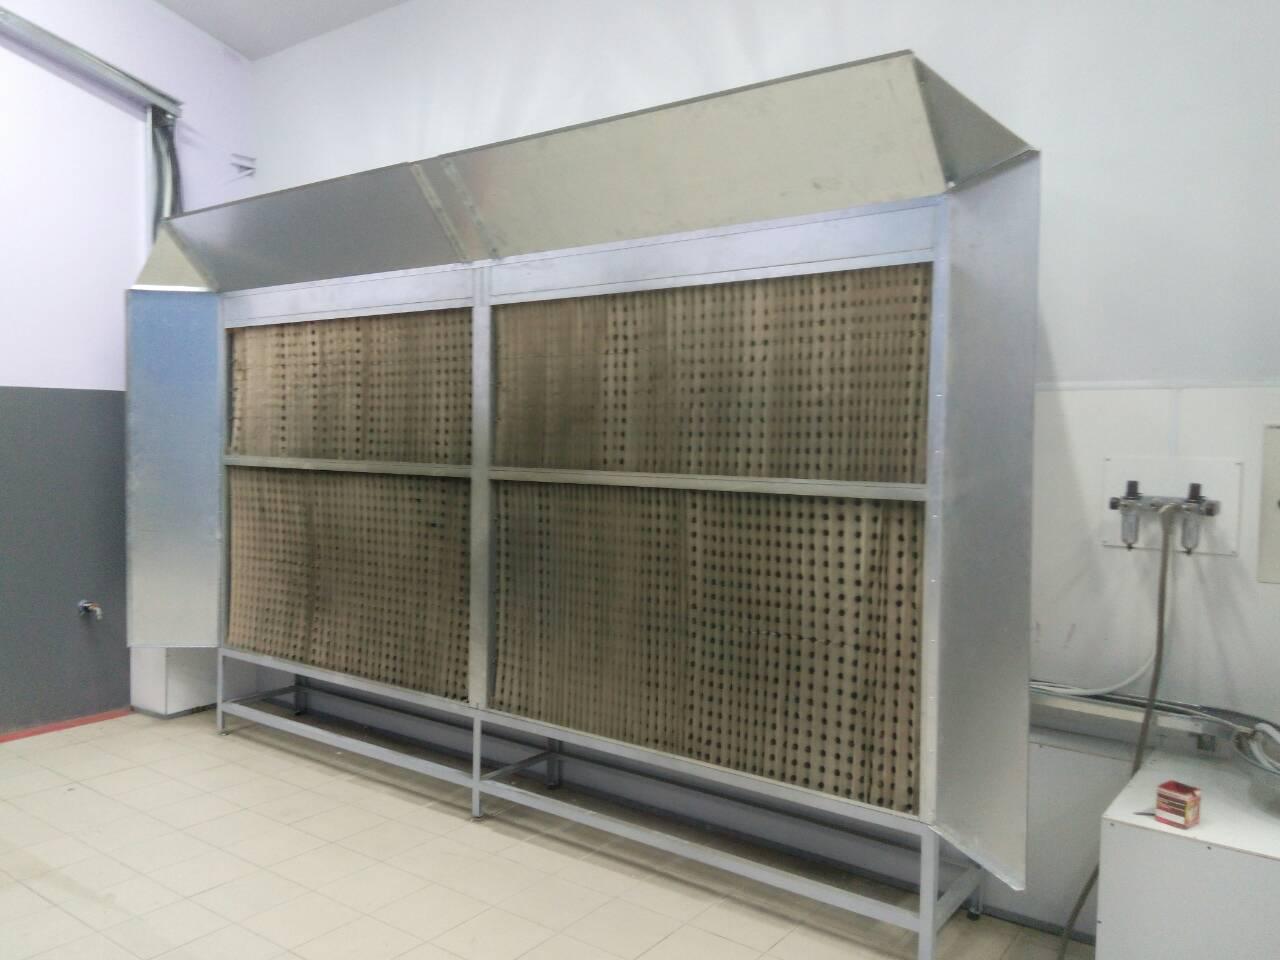 Фарбувально-сушильний комплекс для великогабаритної техніки – Аеротехніка